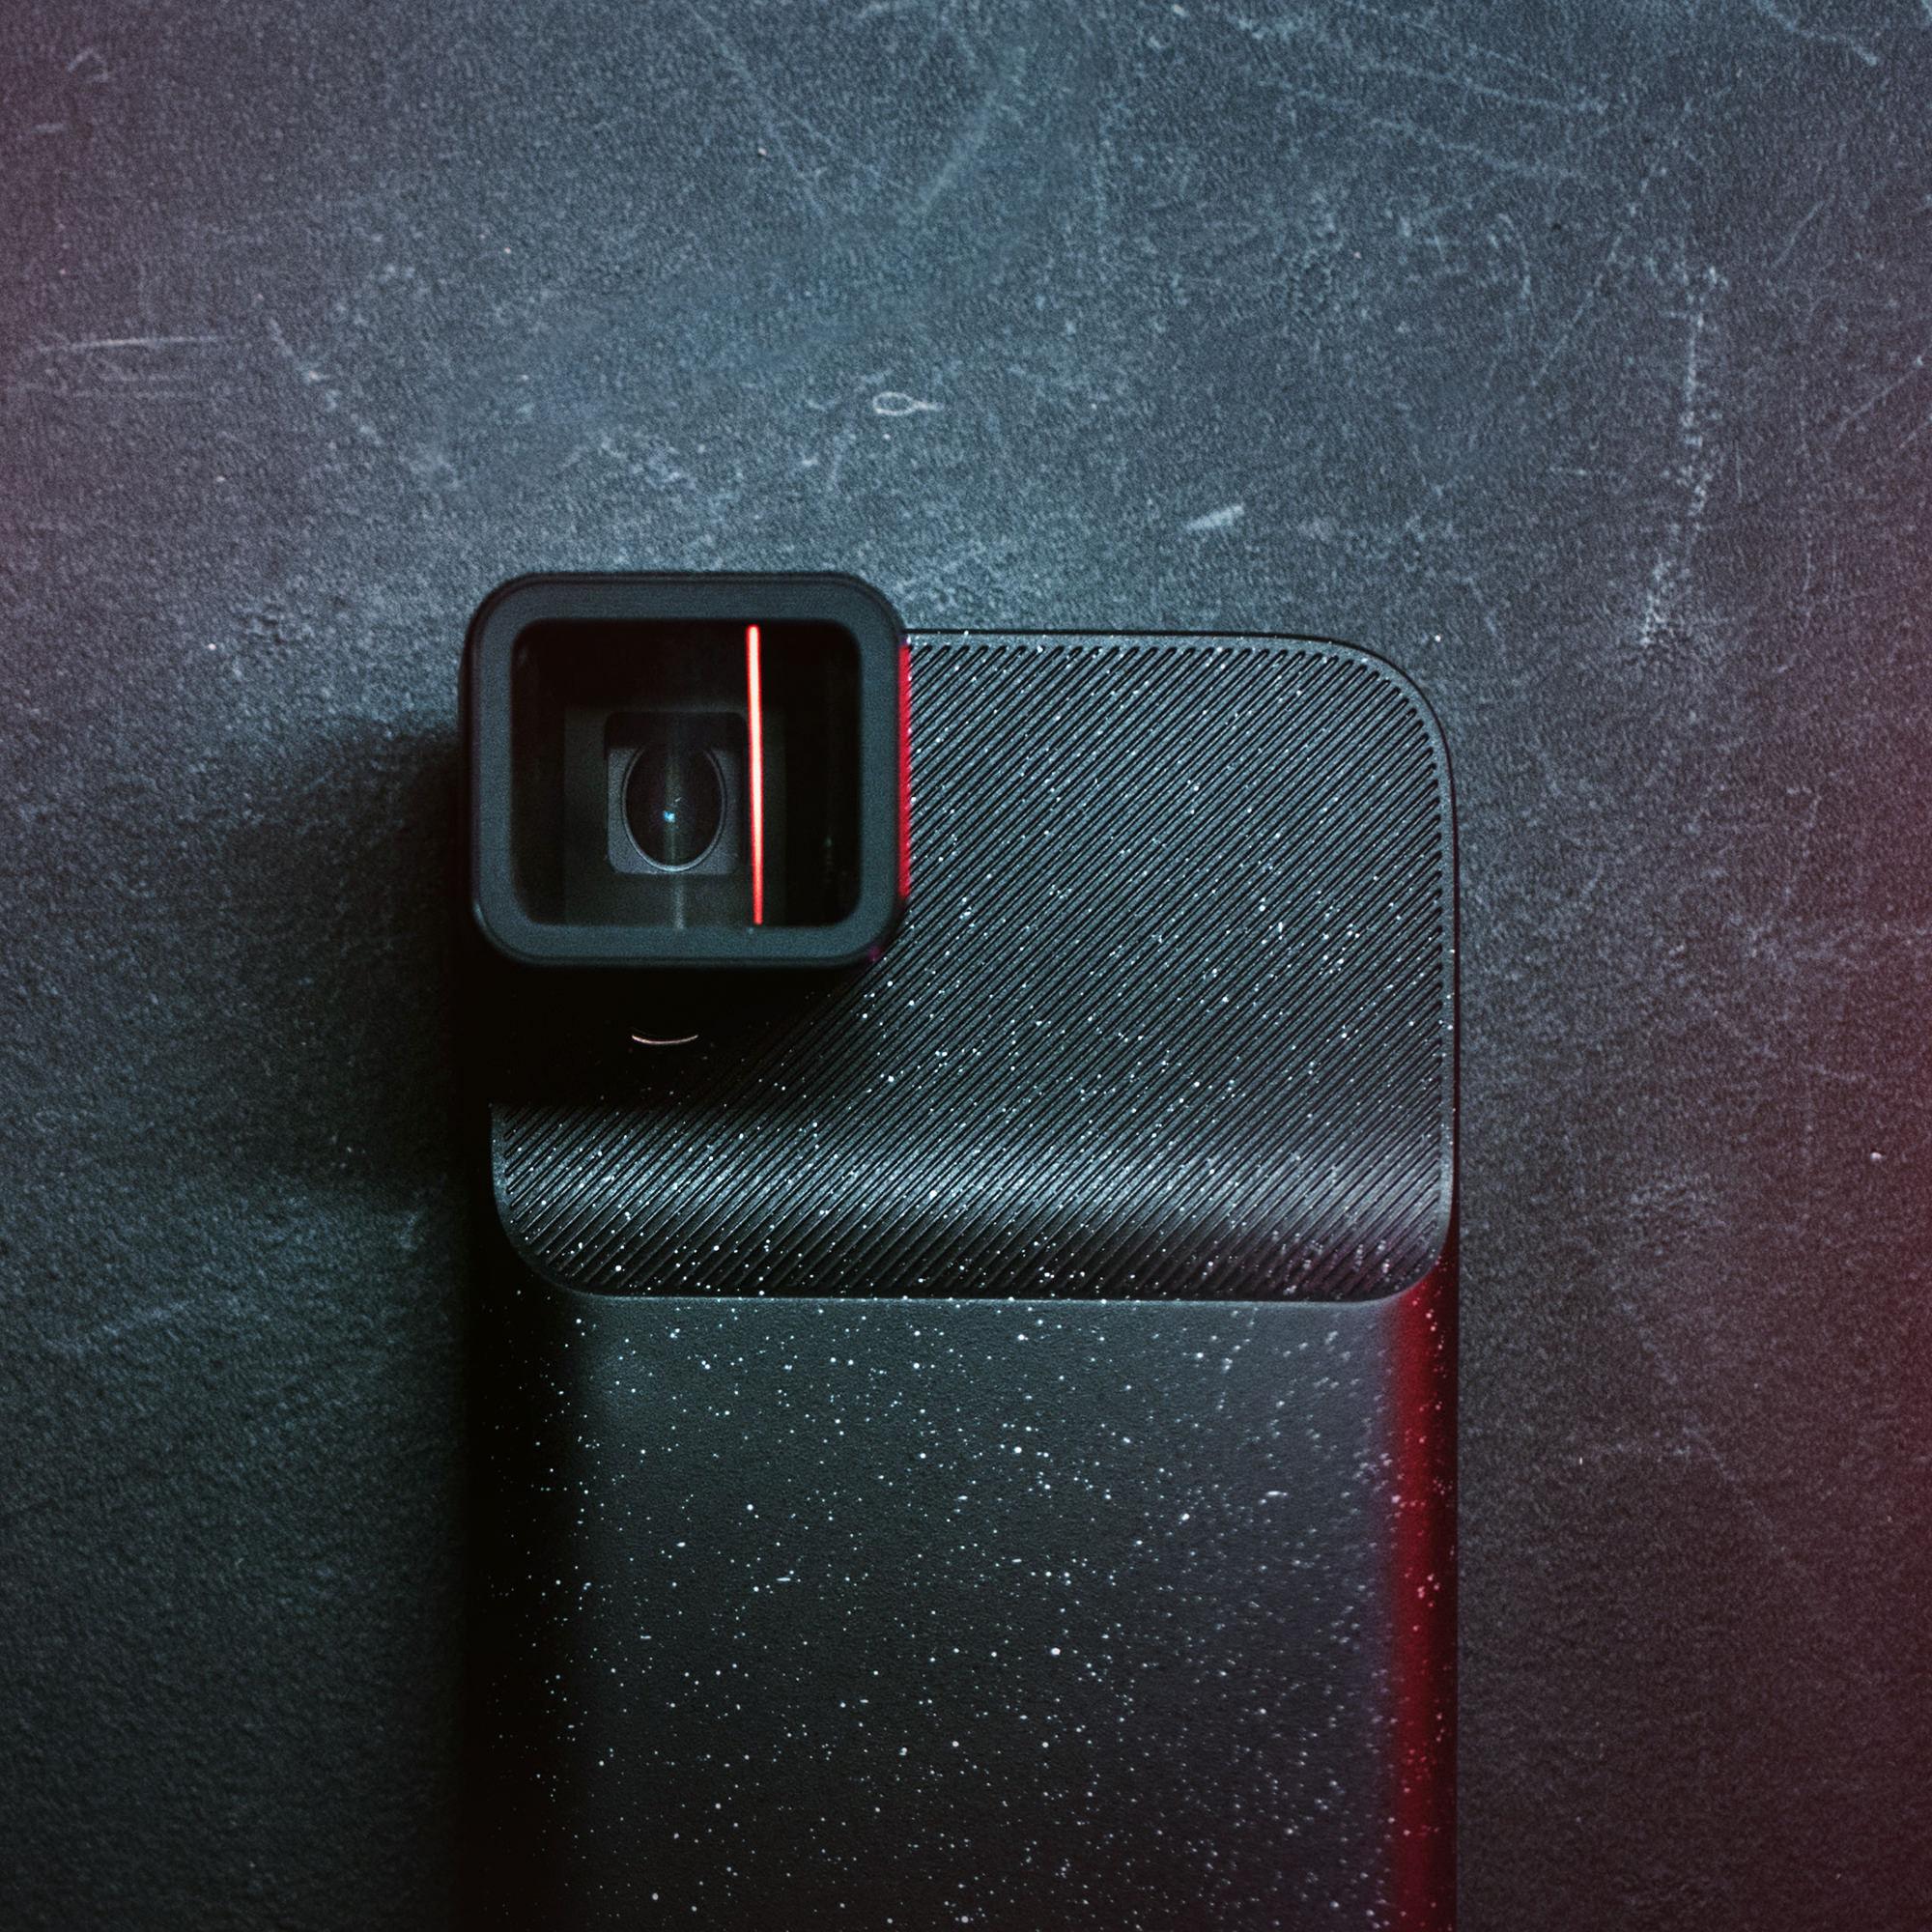 Griswold-Moment-Anamorphic-Cinema-Lenses-Kickstarter10.JPG